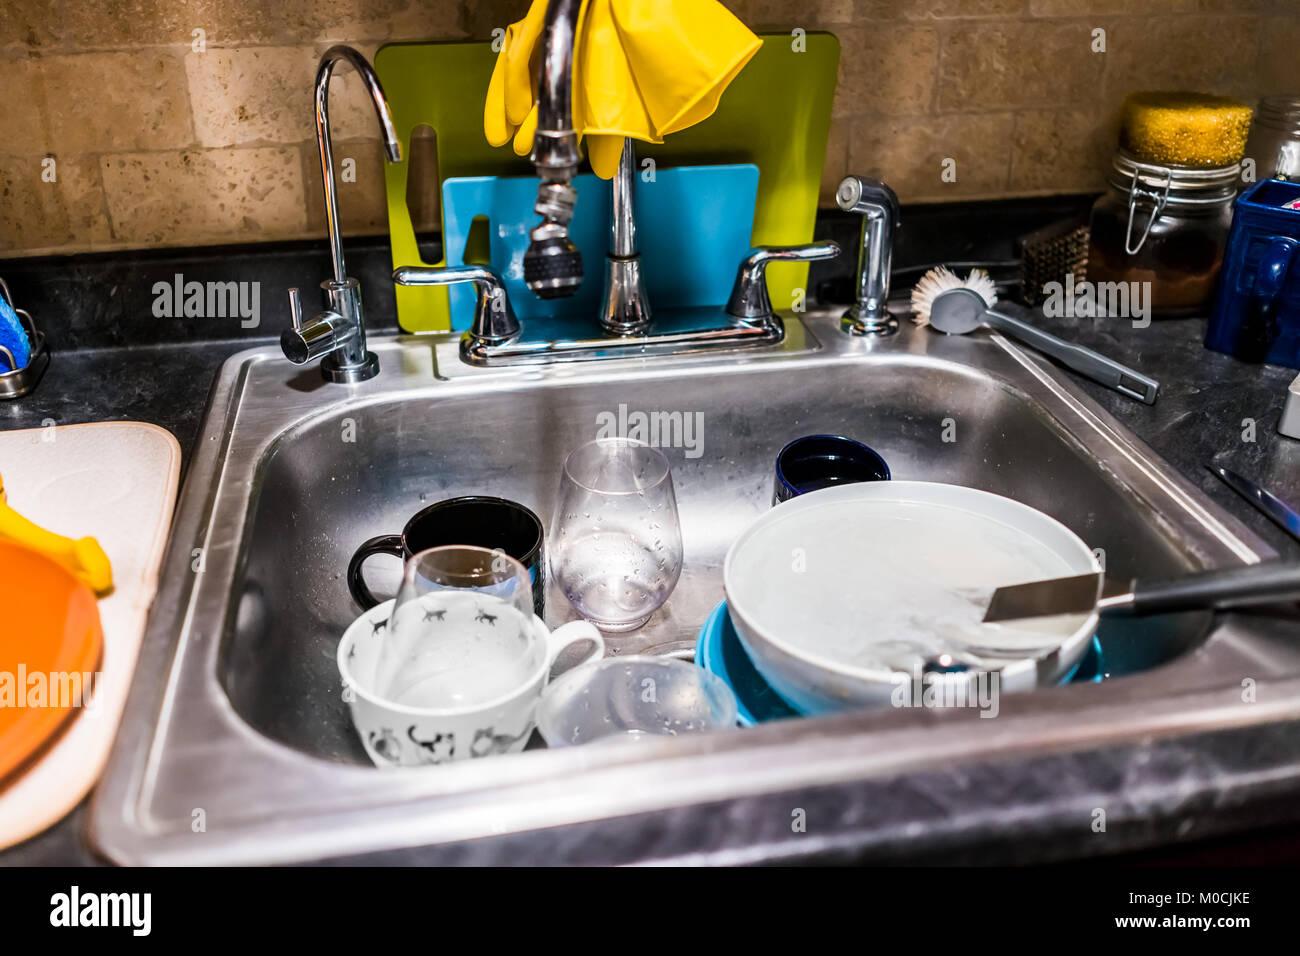 libre de la vaisselle sale dans lvier en acier inoxydable les outils de nettoyage de cuisine planches dcouper mur de brique